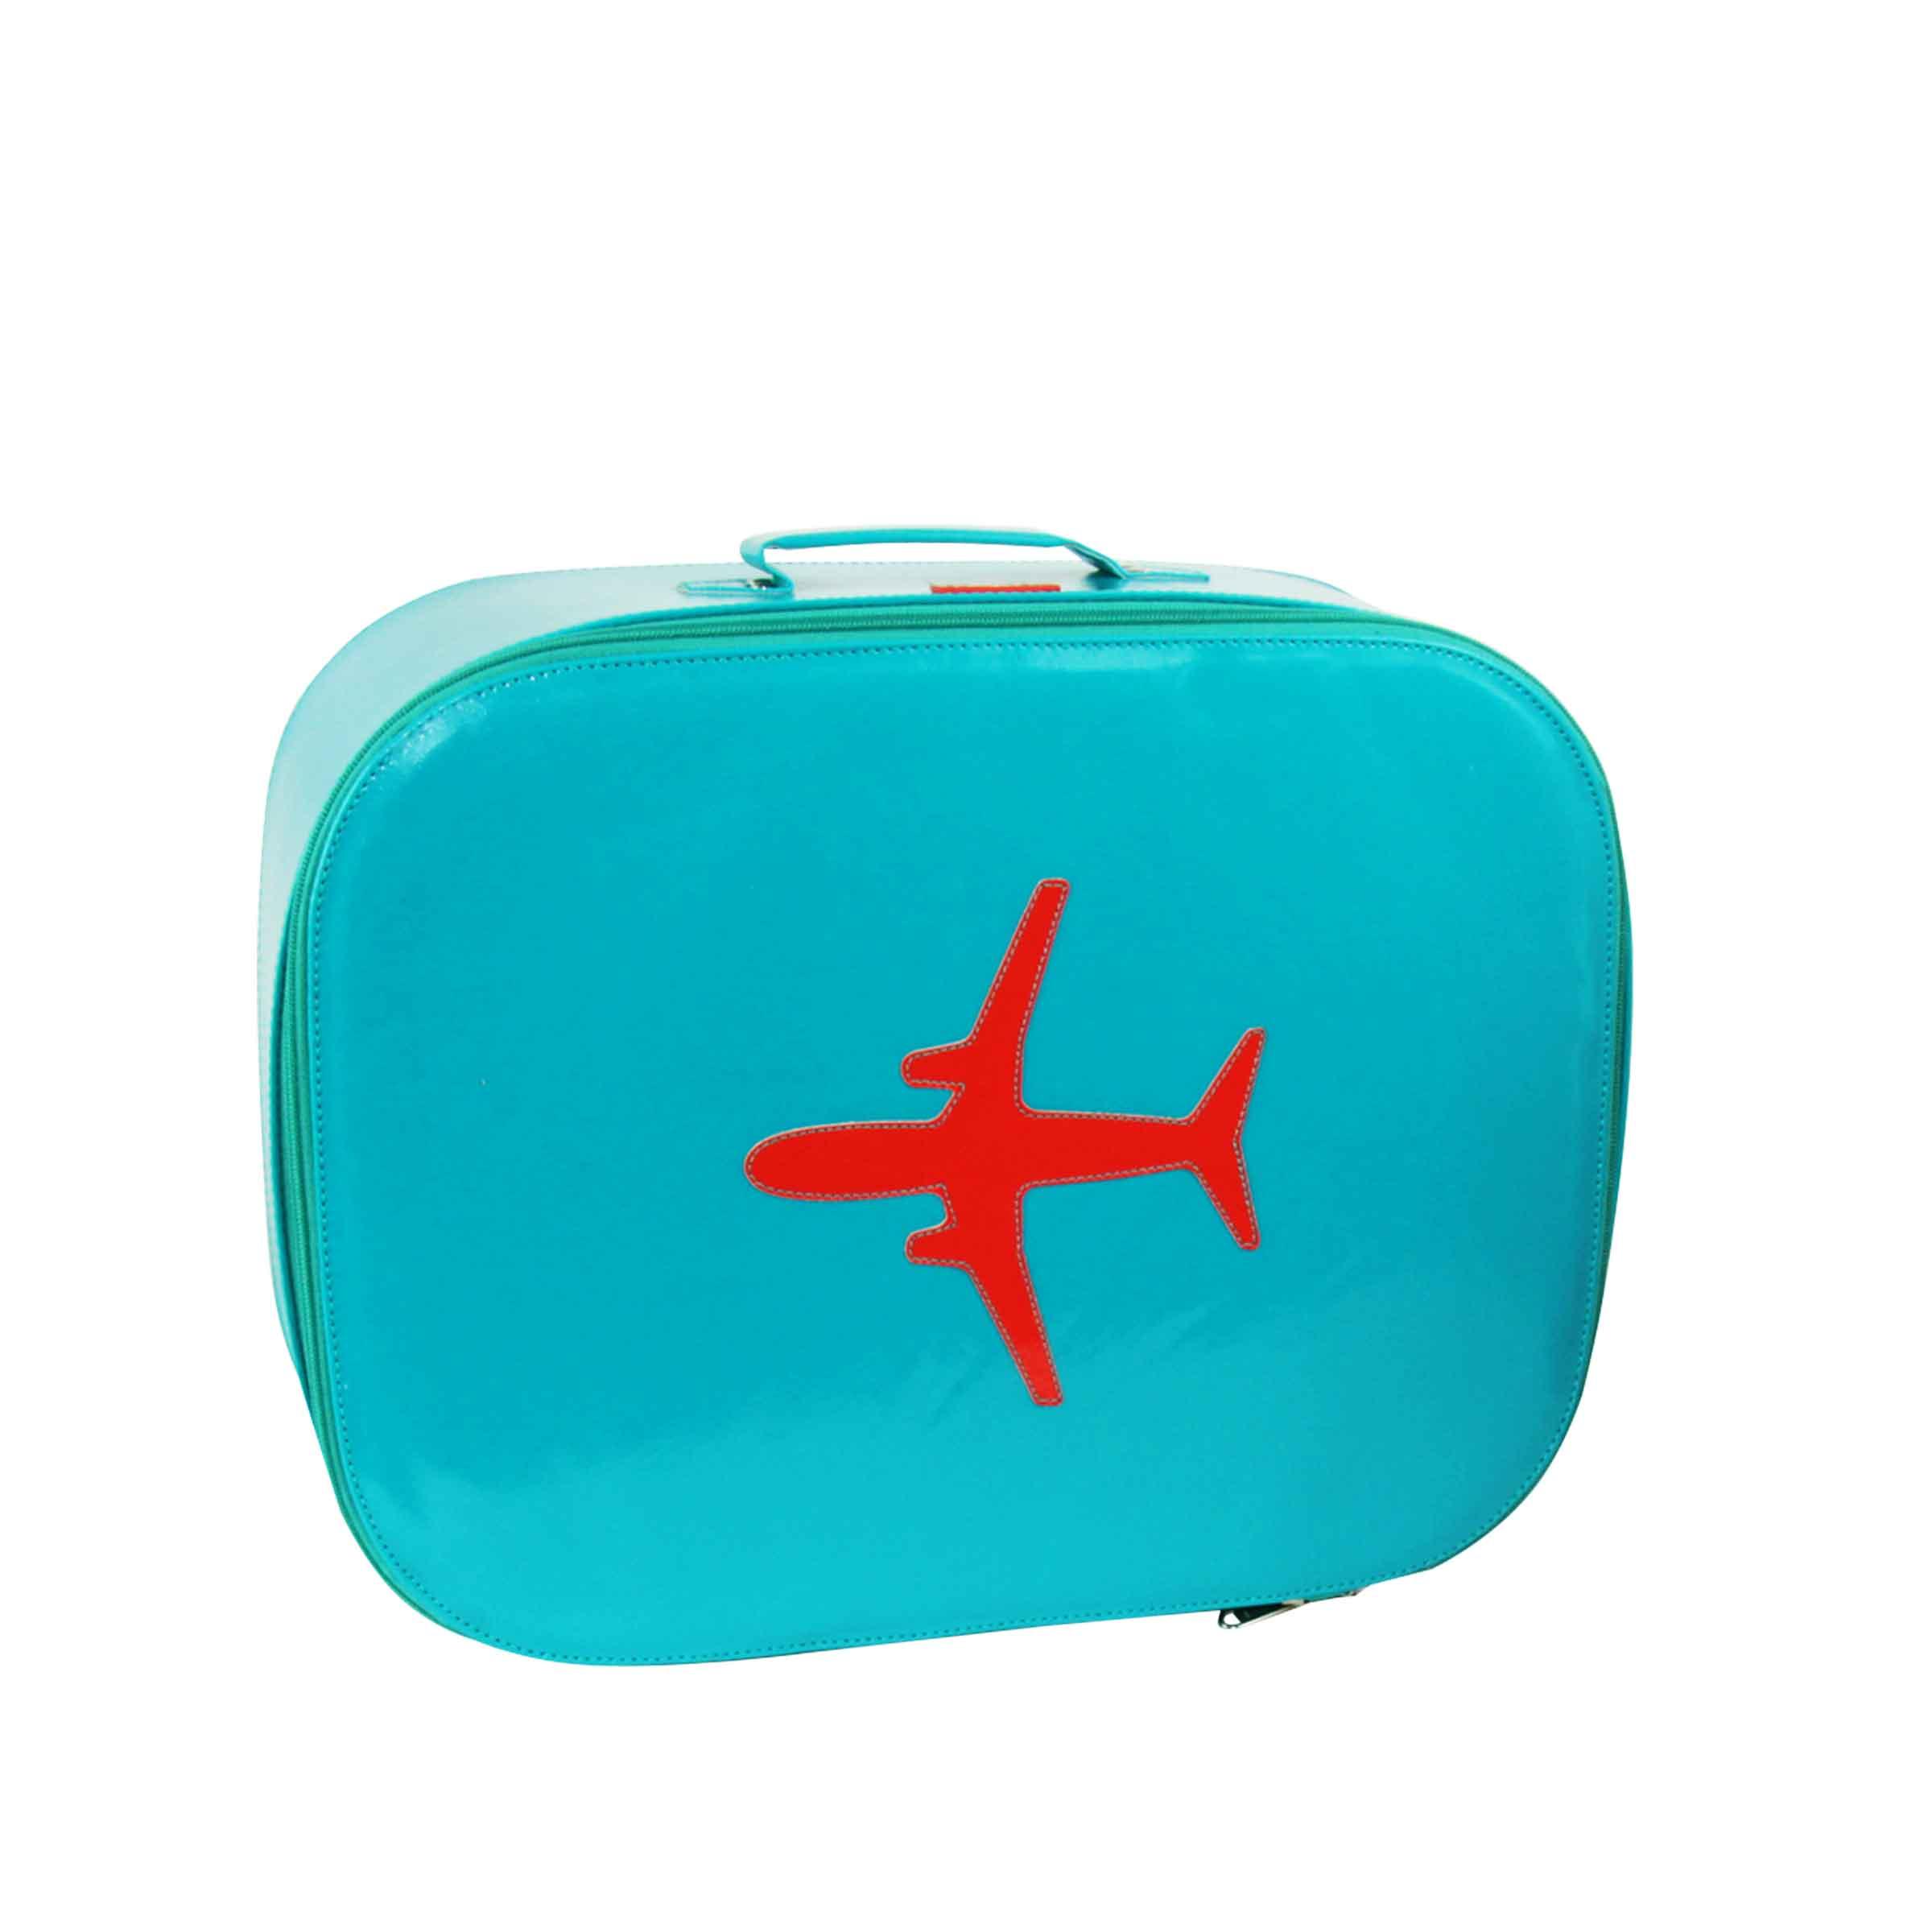 Valisette cabine bleu vert avec poignée sans roues, motif placé avion rouge orange